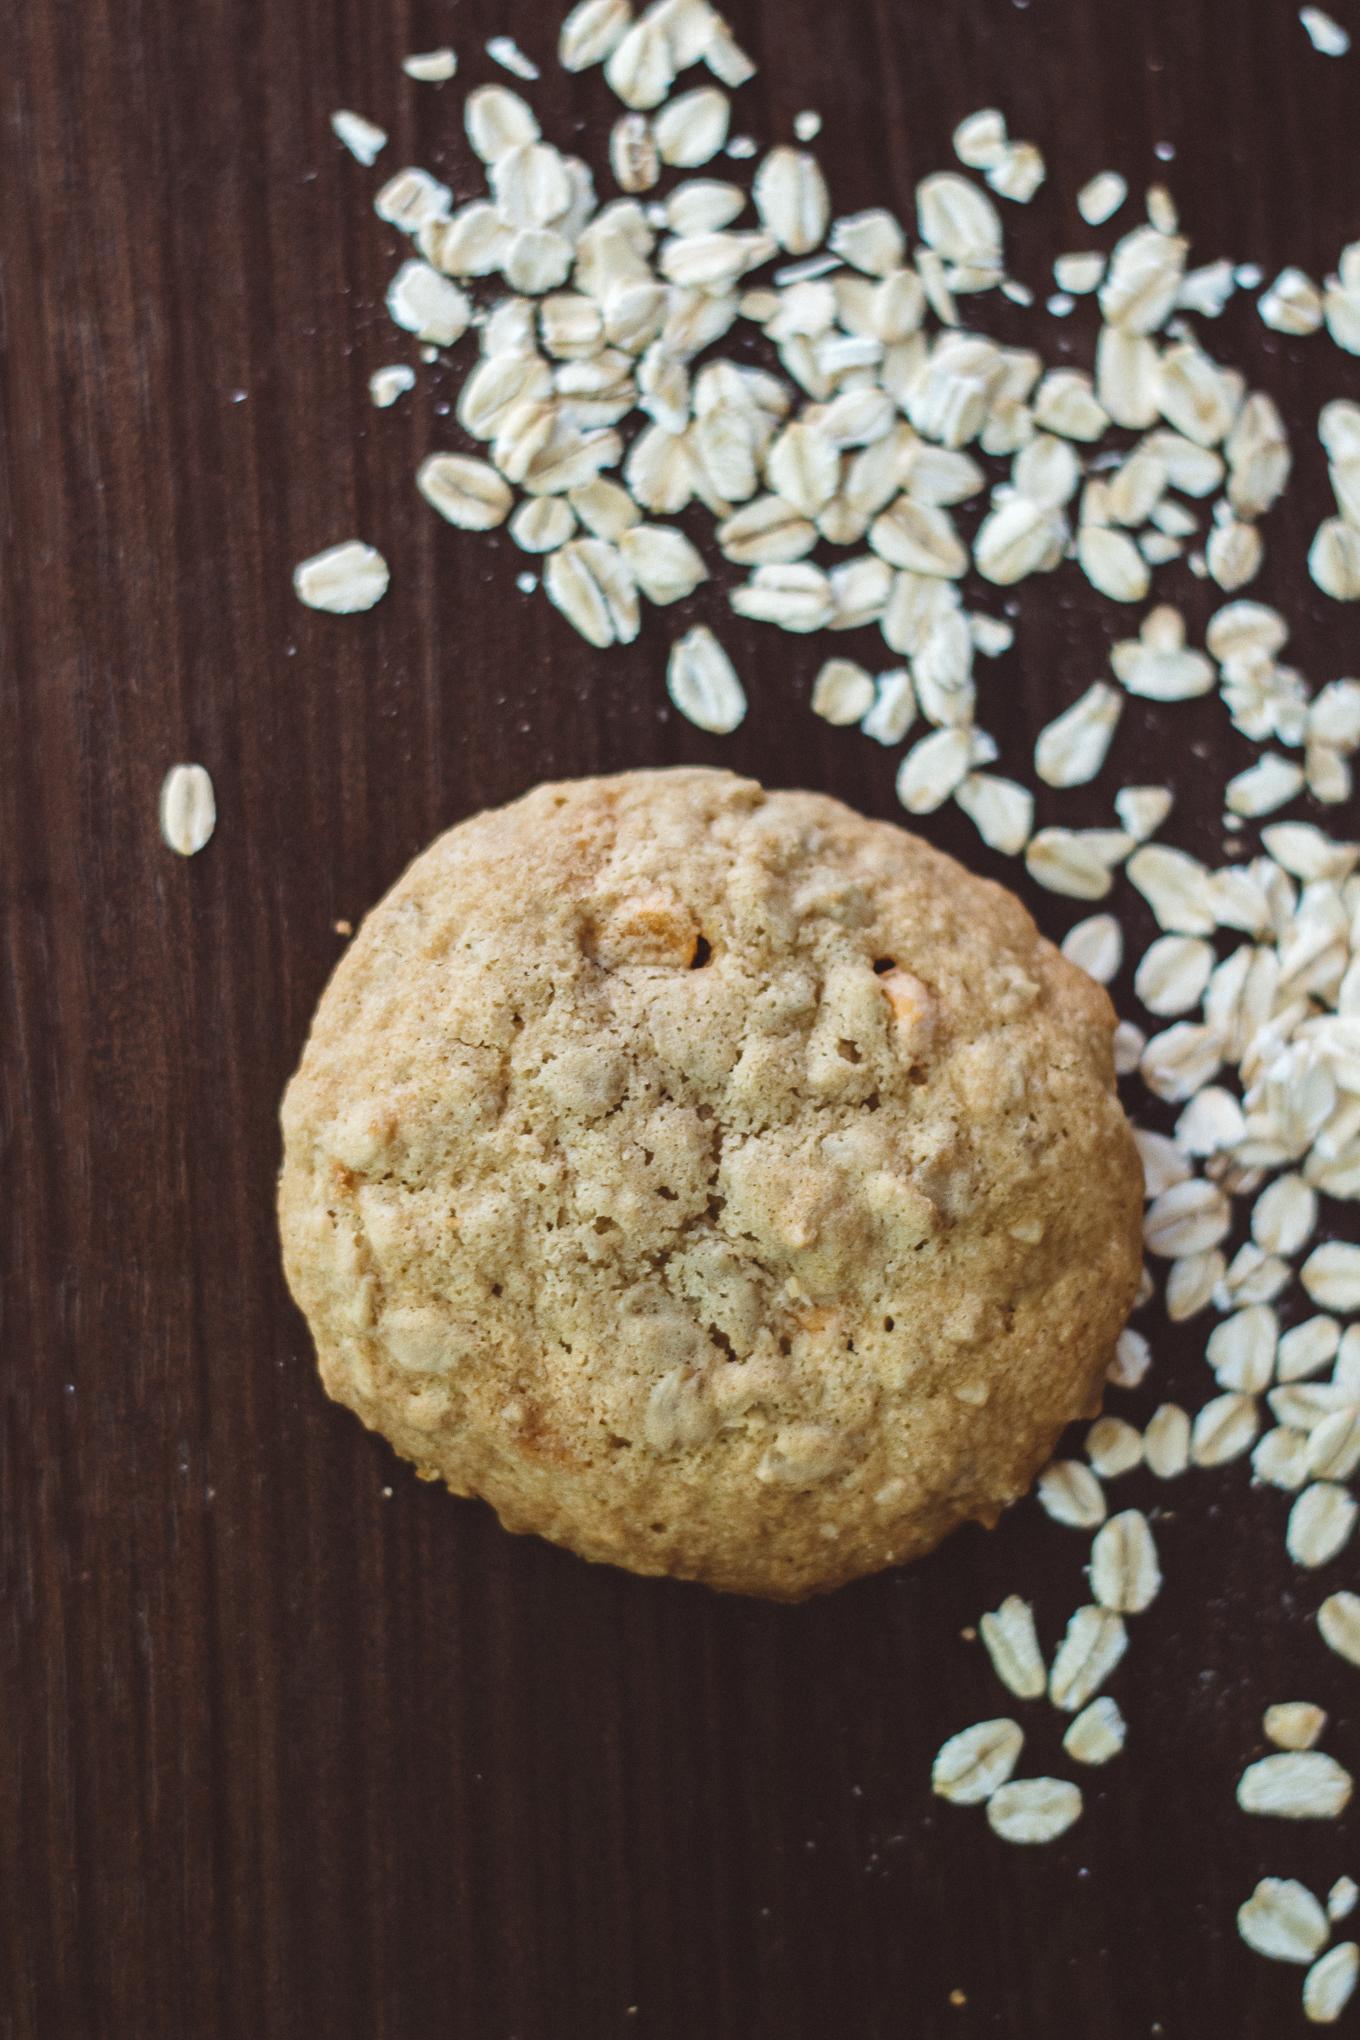 jim beam bourbon, butterscotch oatmeal cookies, bourbon butterscotch oatmeal cookies, baking, how to bake cookies